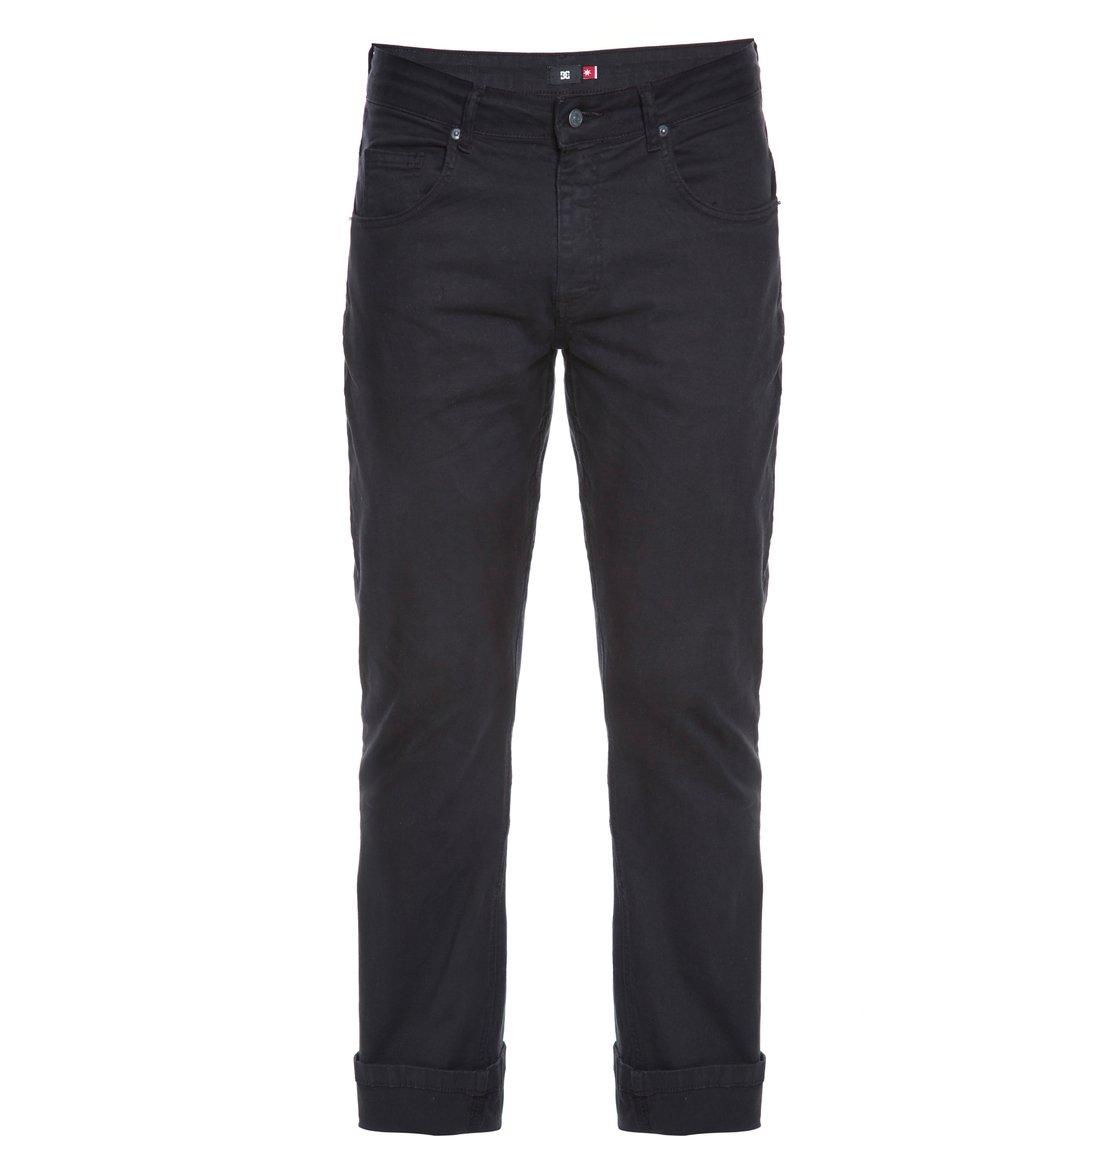 ed01a1e74 0 Calça Jeans masculina Slim Core BR63331506 DC Shoes